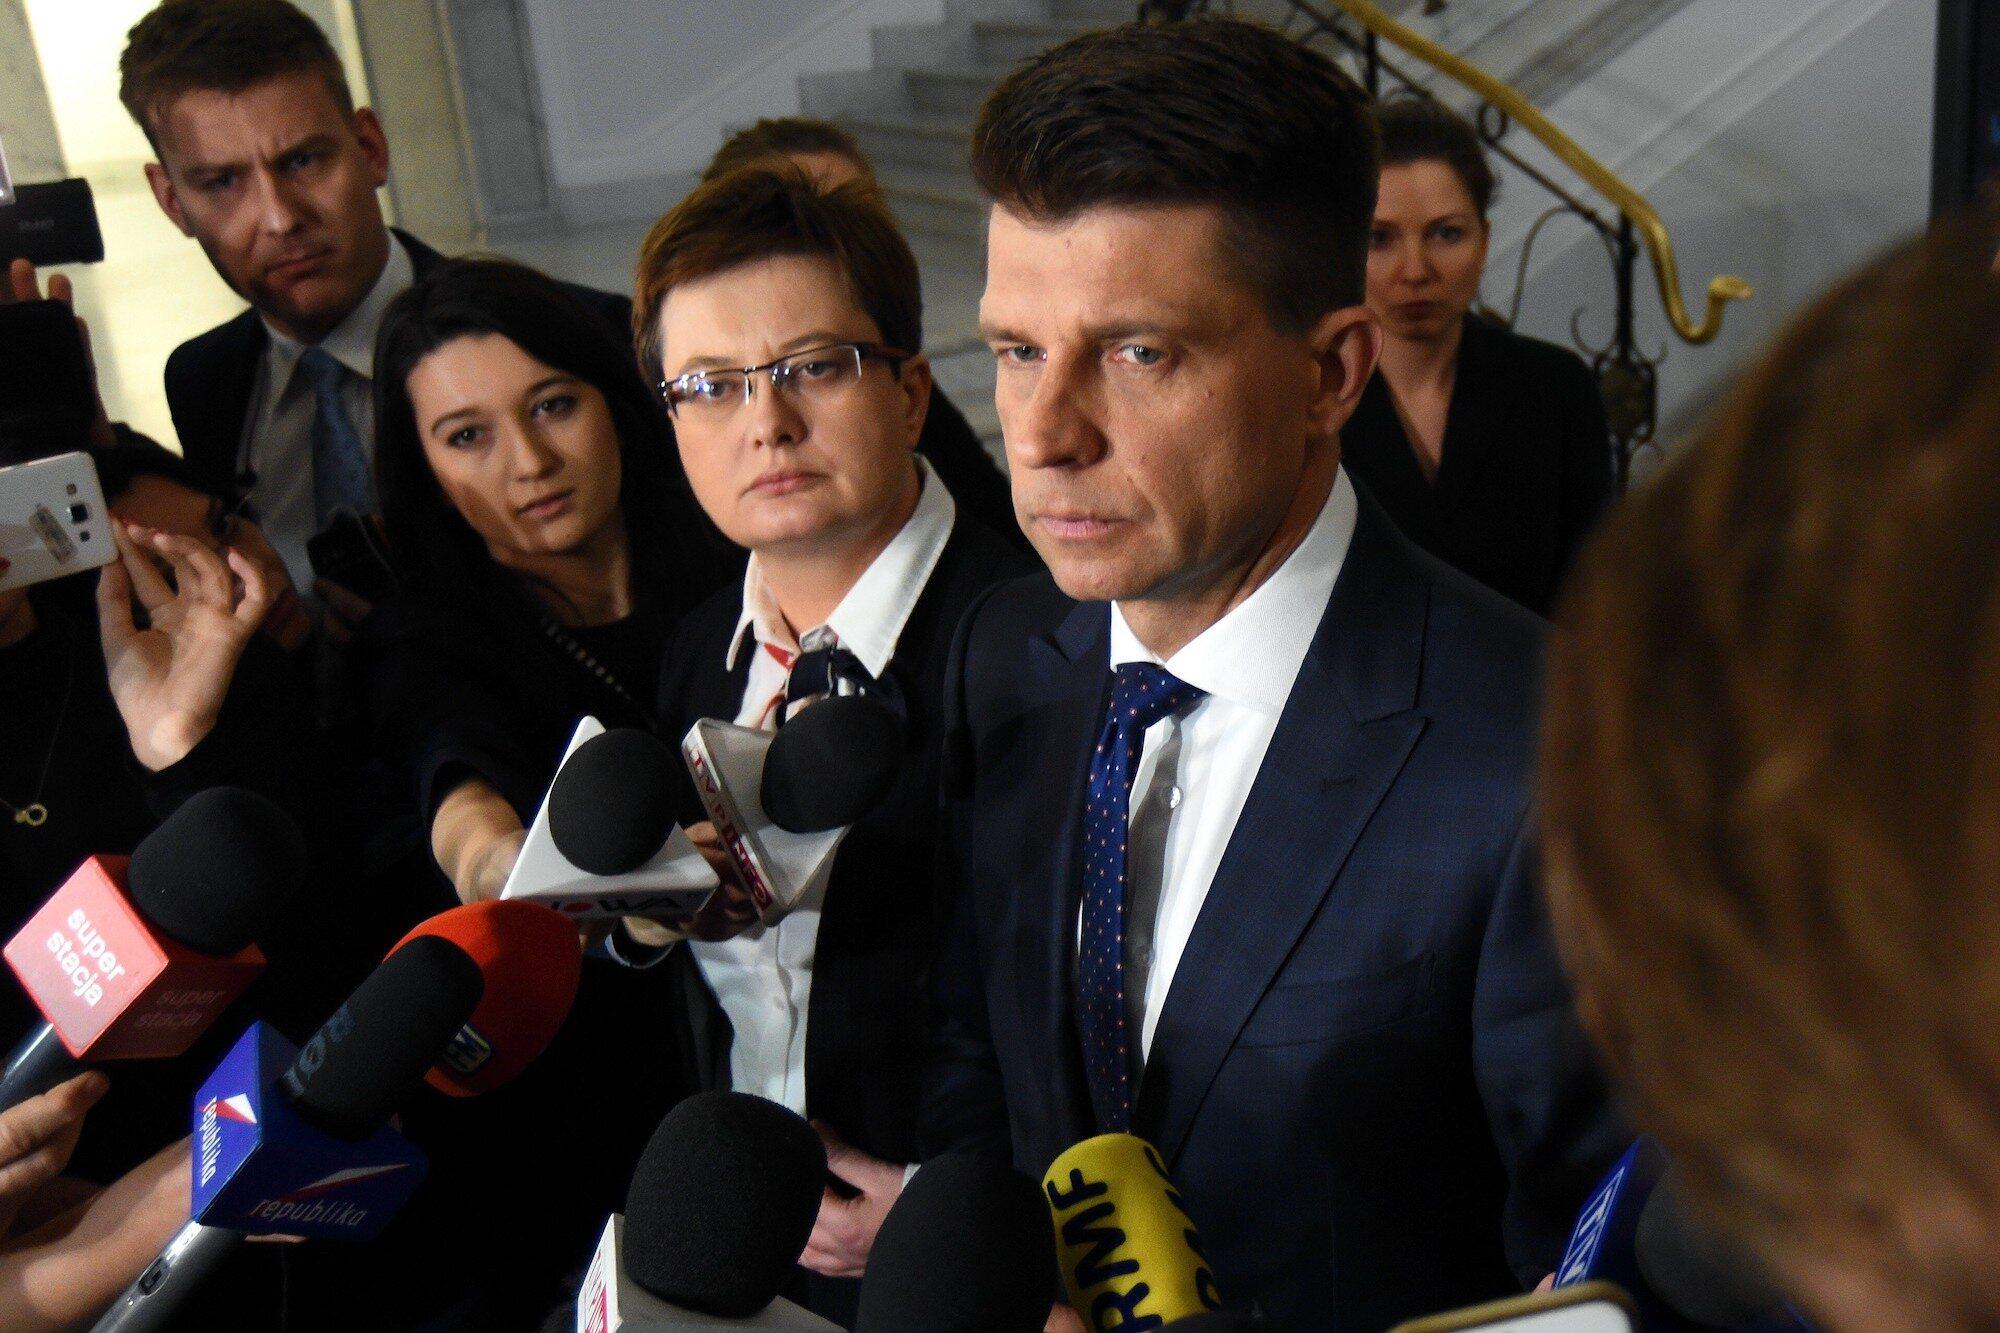 Ryszard Petru, Katarzyna Lubnauer